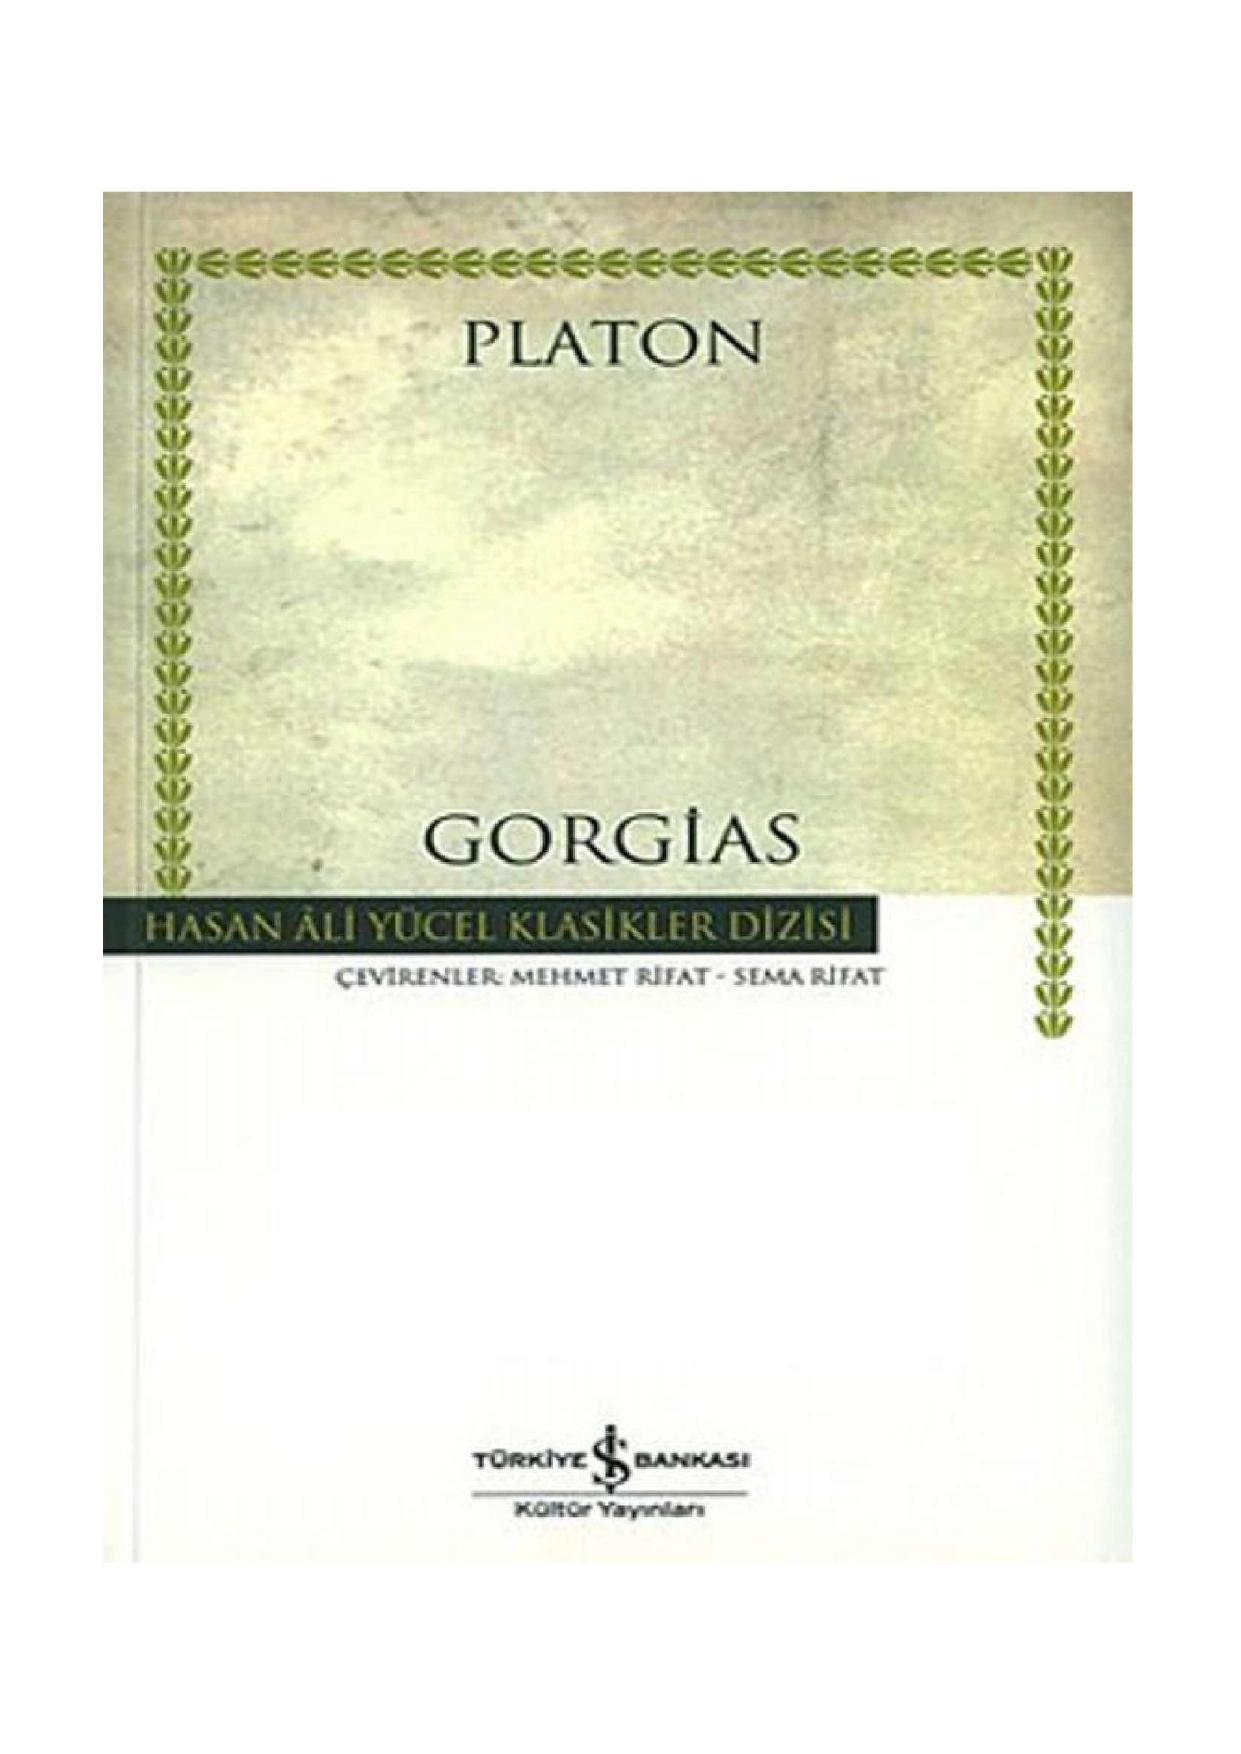 Gorgias Kitap Kapağı